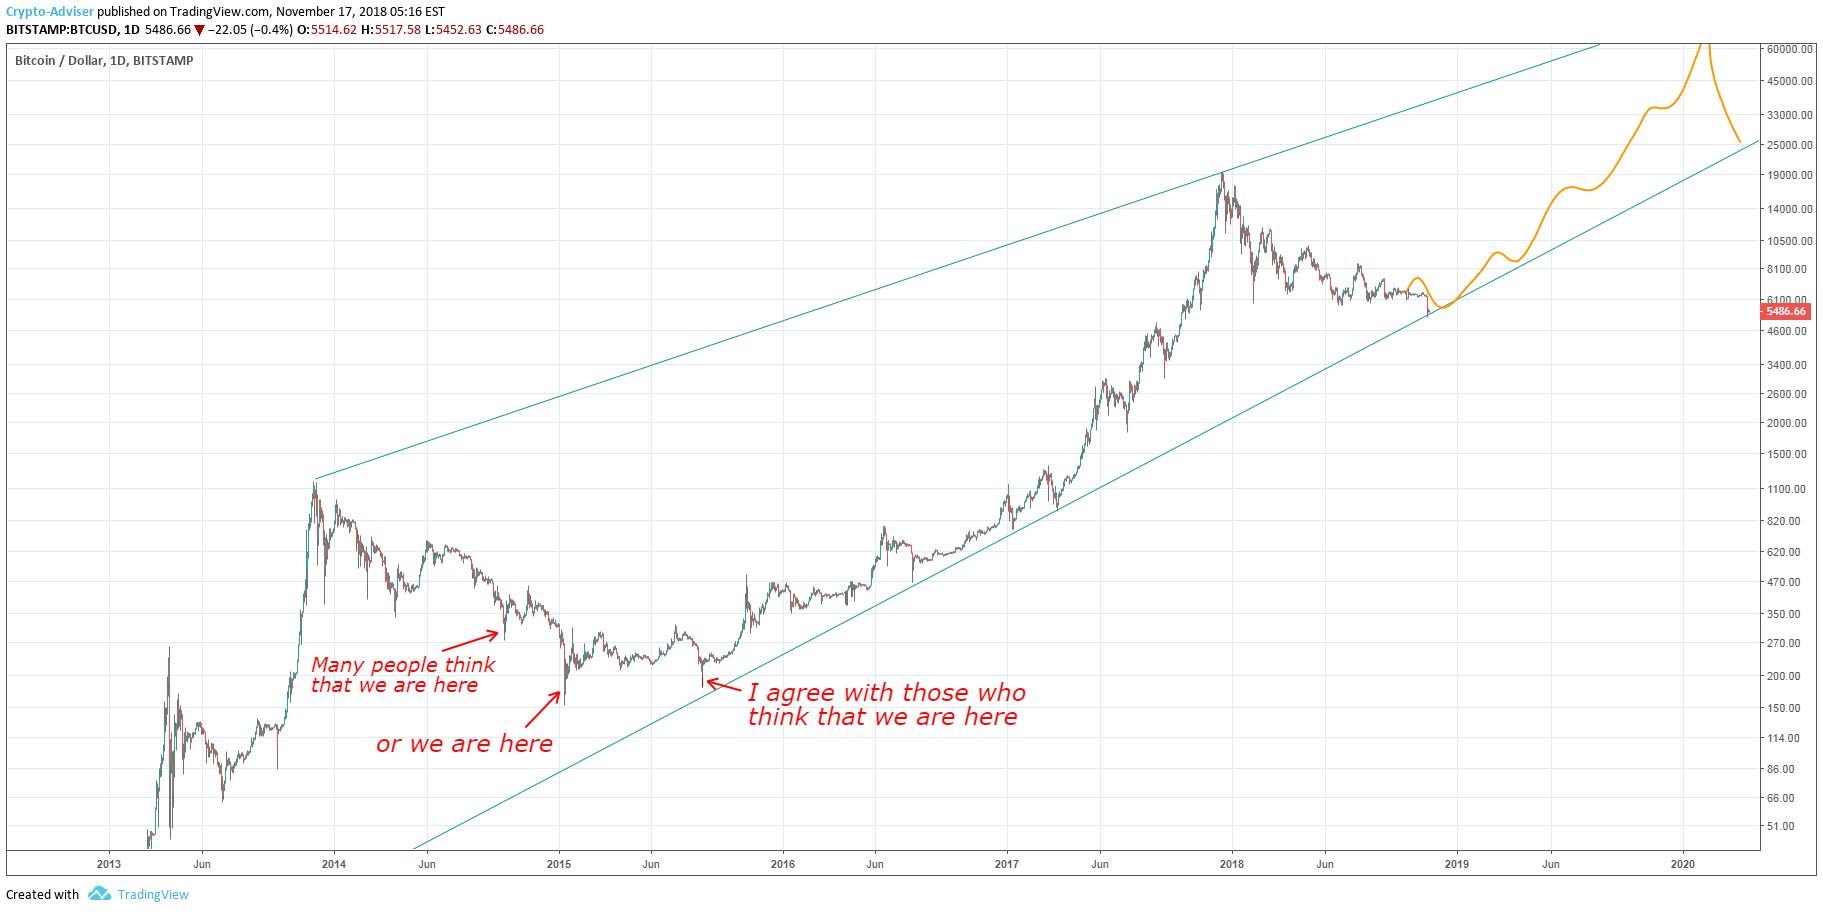 grafic bitcoin bitstamp usd)